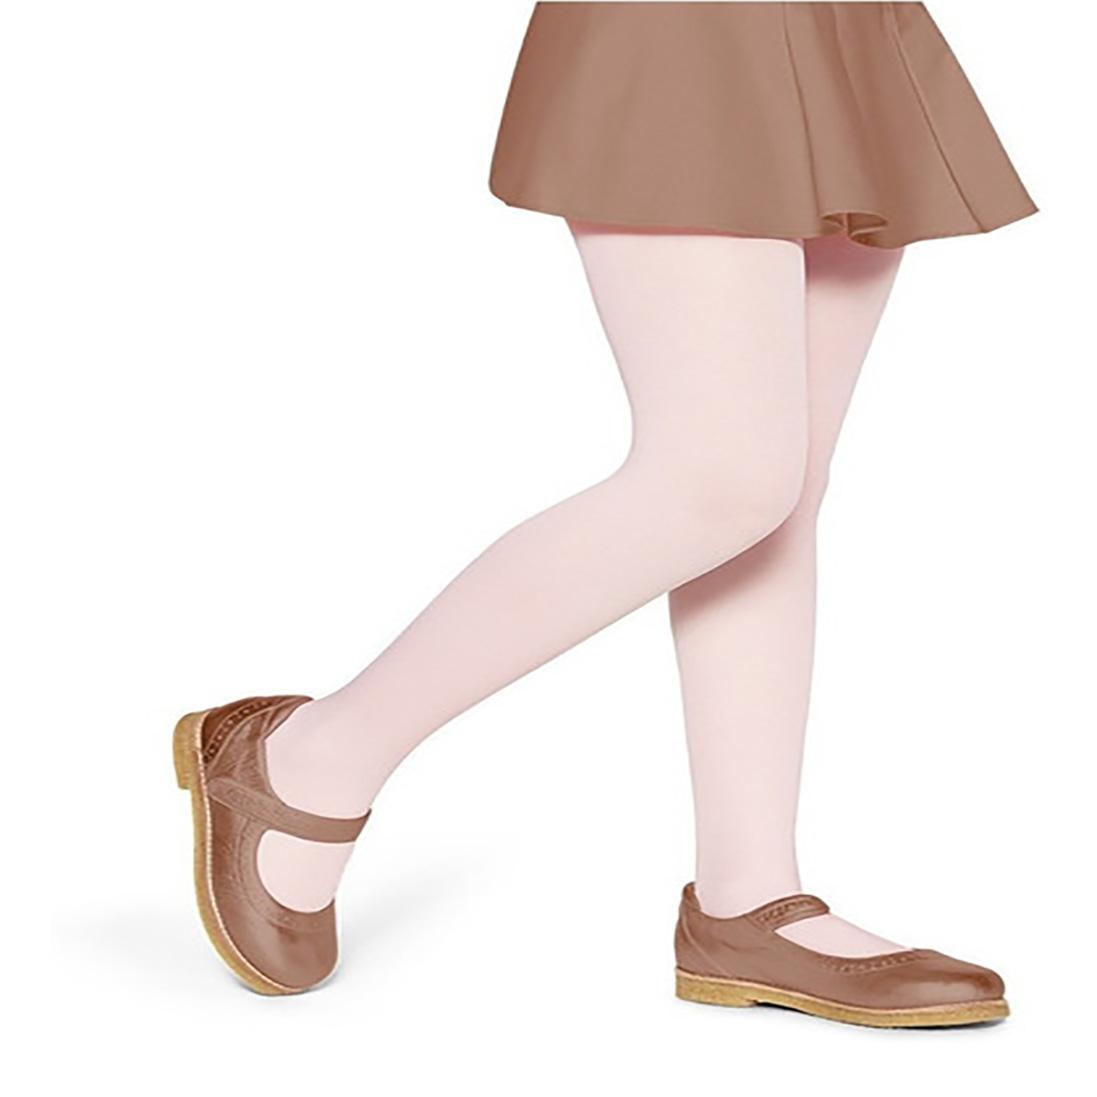 Meia Calça Fina Infantil Transparente Fio 20 Branco